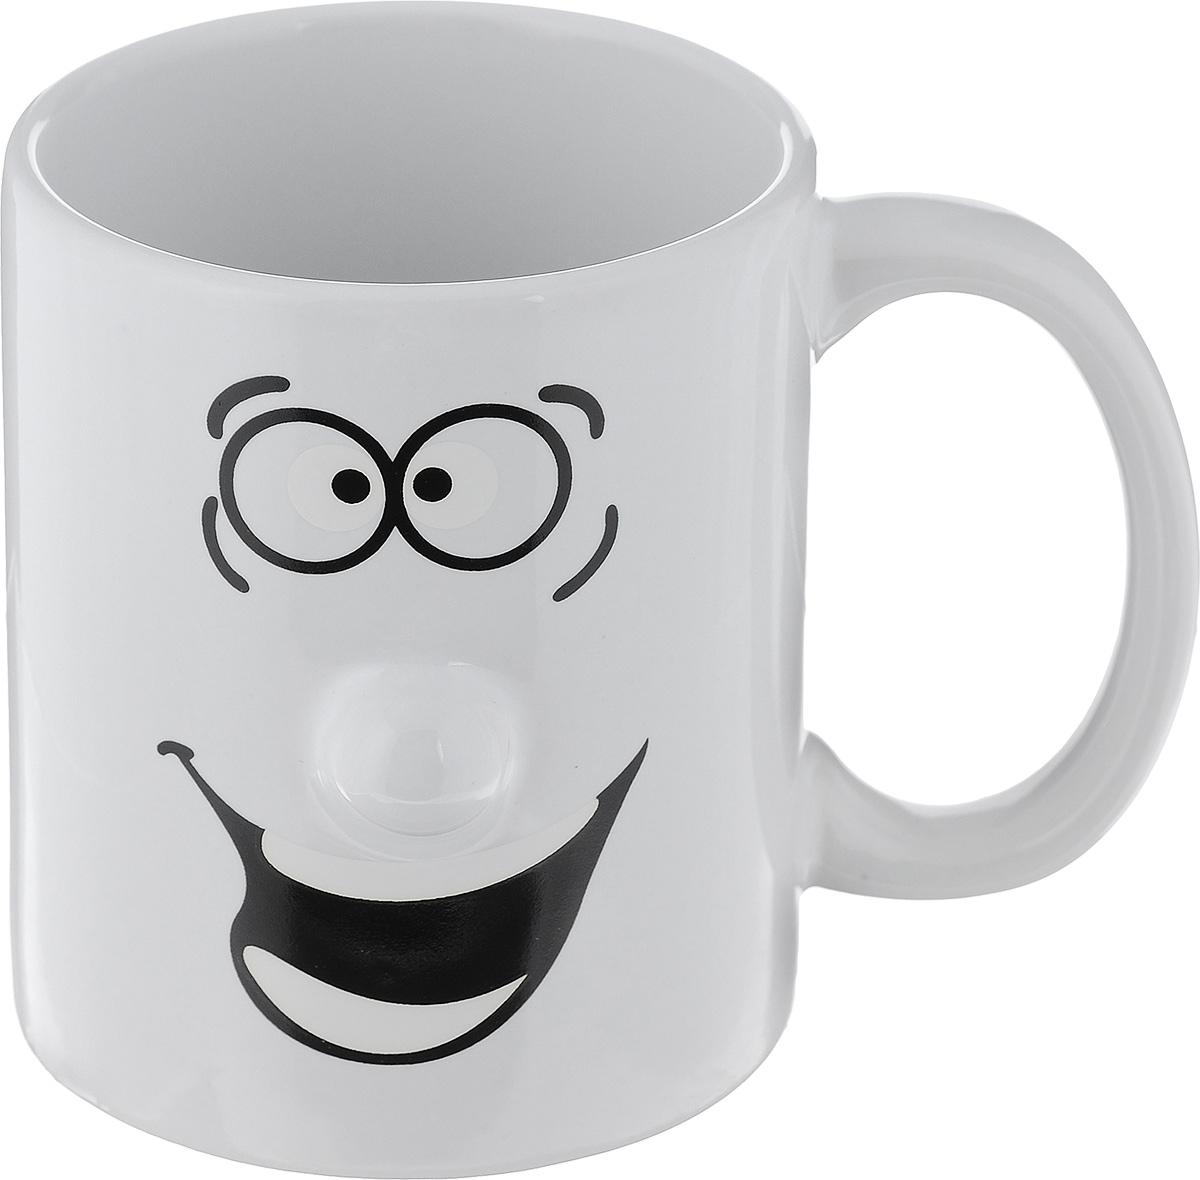 Кружка Walmer Smiley, цвет: белый, 300 млW06220030Кружка Walmer Smiley выполнена из керамики и оформлена изображением забавного смайлика. Она станет отличным дополнением к сервировке семейного стола и замечательным подарком для ваших родных и друзей. Не рекомендуется применять абразивные моющие средства. Диаметр кружки по верхнему краю: 8 см. Высота кружки: 9,5 см.